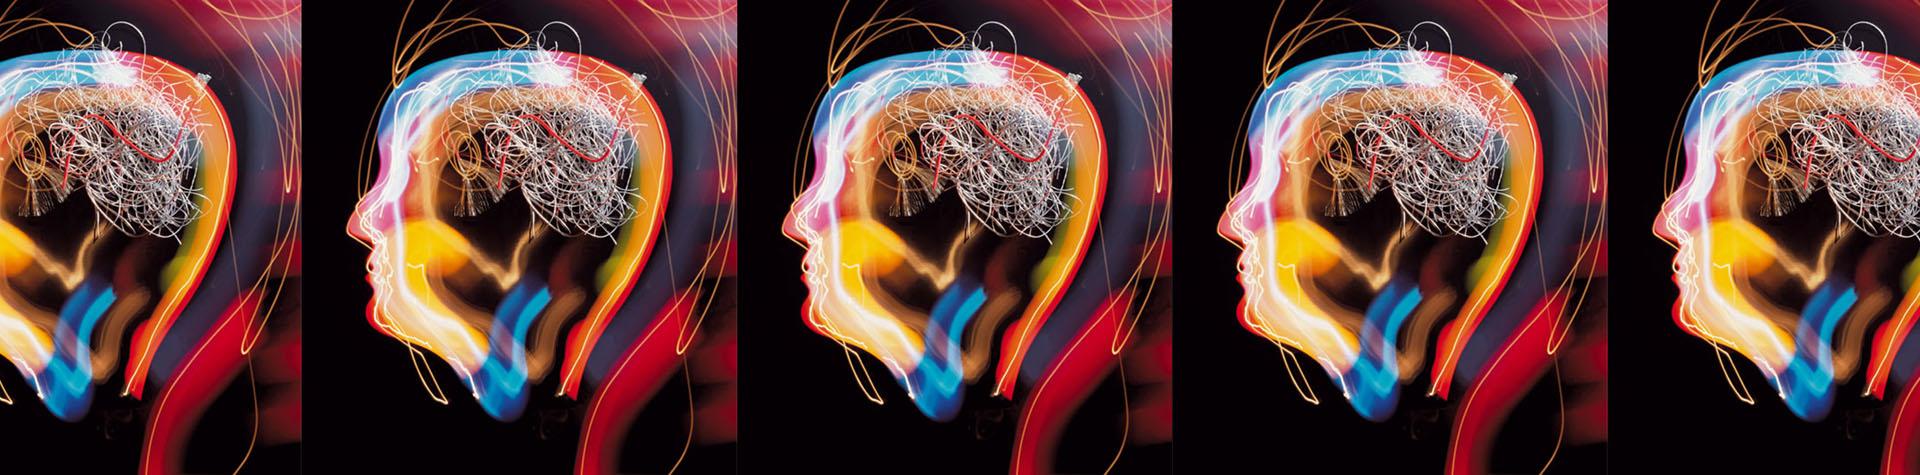 Menschliches Gehirn abstrakt